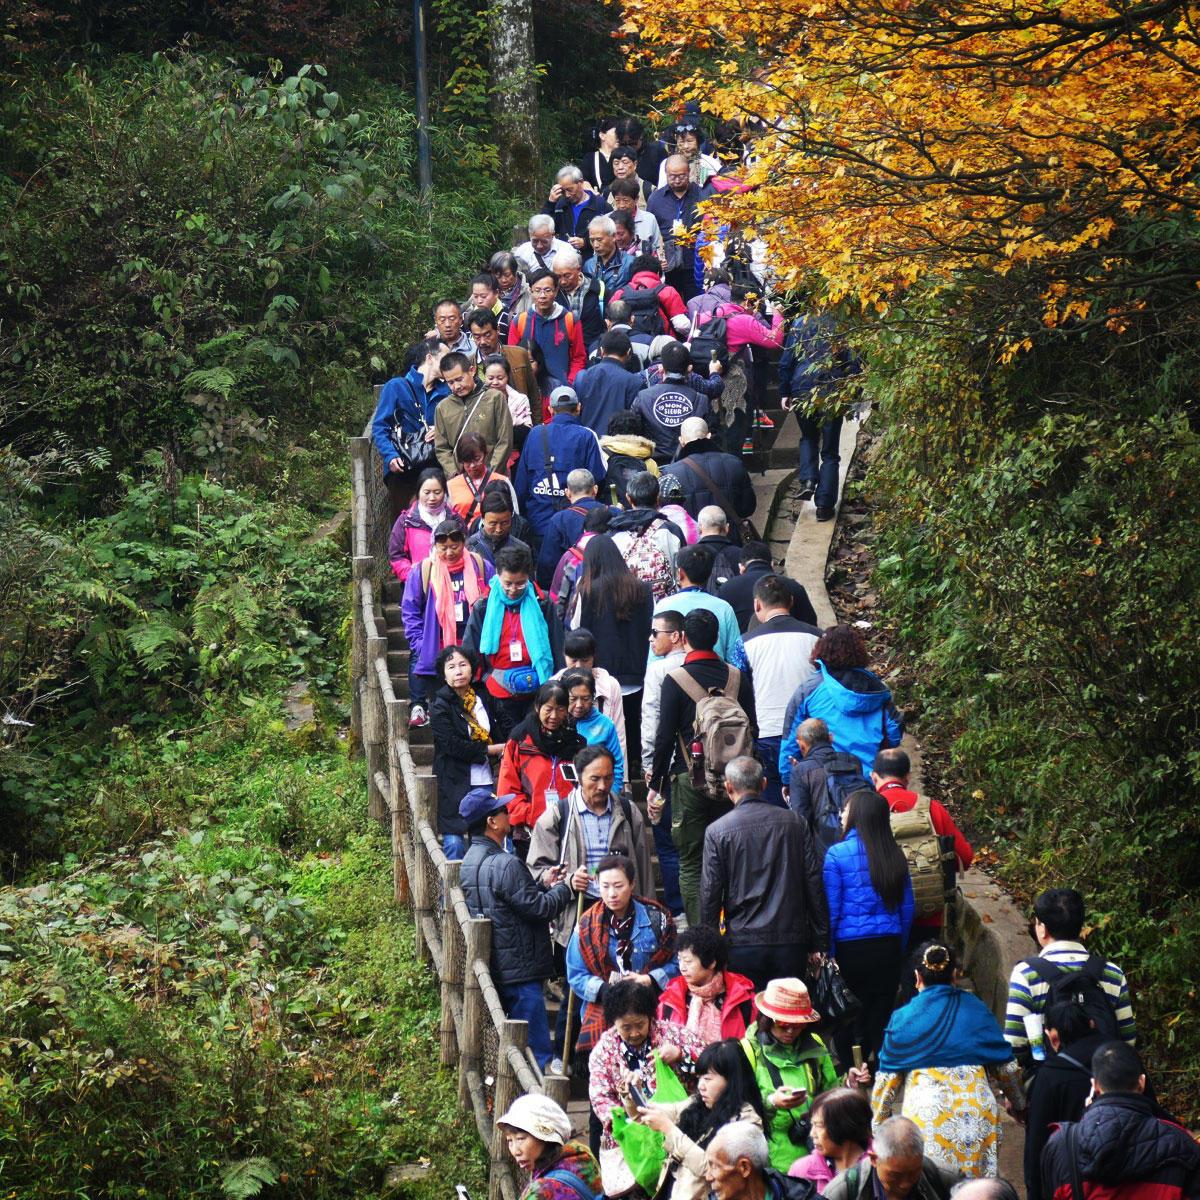 Tourists climb a final set of stairs to reach Mount Emei's Golden Summit. Noah Strycker